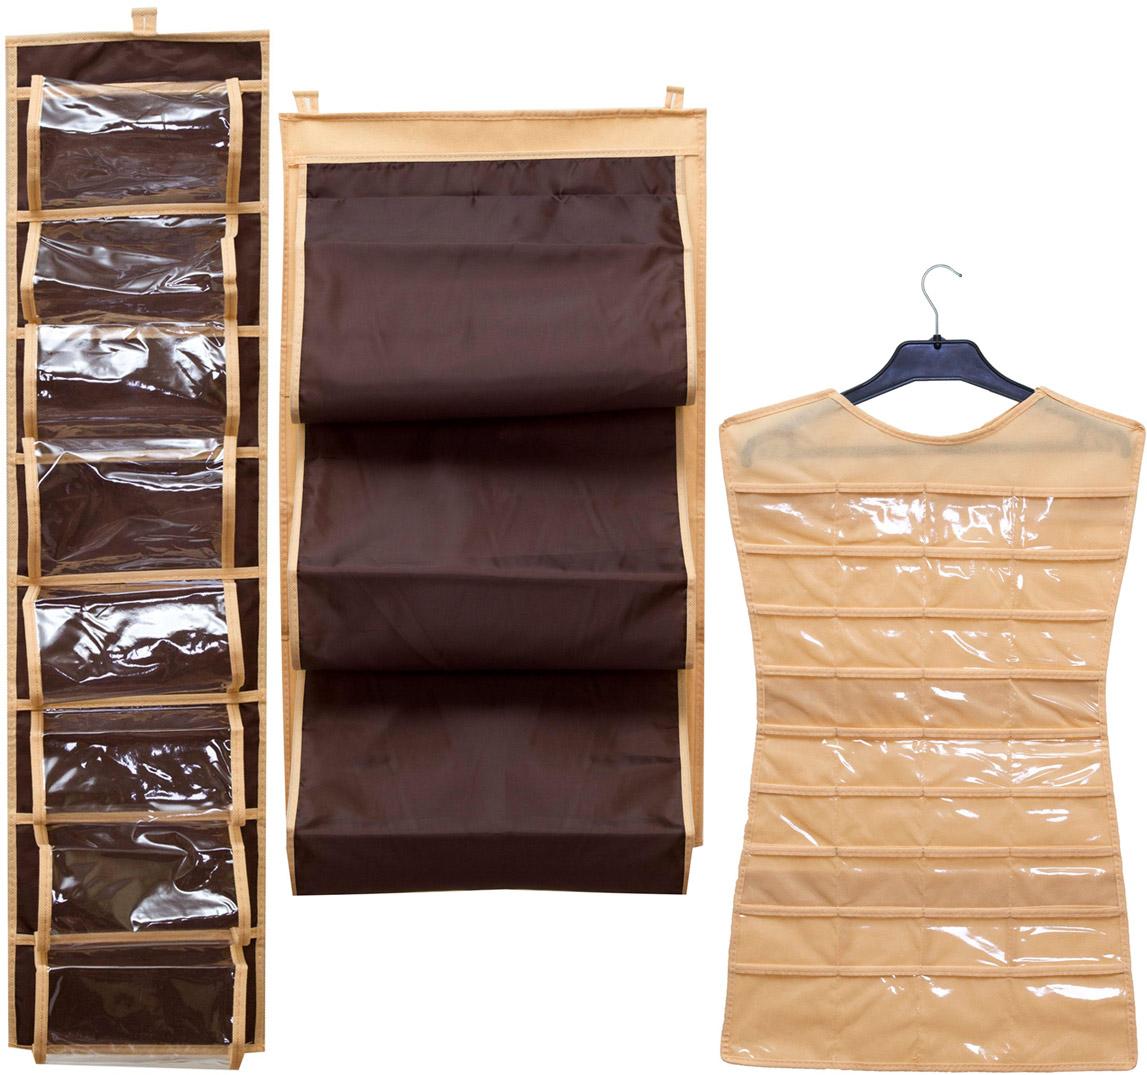 Набор подвесных органайзеров Homsu, цвет: темно-коричневый, 3 штDEN-23Набор органайзеров Homsu, выполненный из высококачественного материала, предназначен для удобного и компактного хранения различных вещей и бижутерии. В набор входят 3 органайзера: кофр подвесной для сумок, органайзер подвесной двусторонний на 16 карманов, органайзер для бижутерии и мелочей. Выбирая набор органайзеров, вы приобретаете практичное хранение вещей, стильные аксессуары для интерьера и свободное пространство.